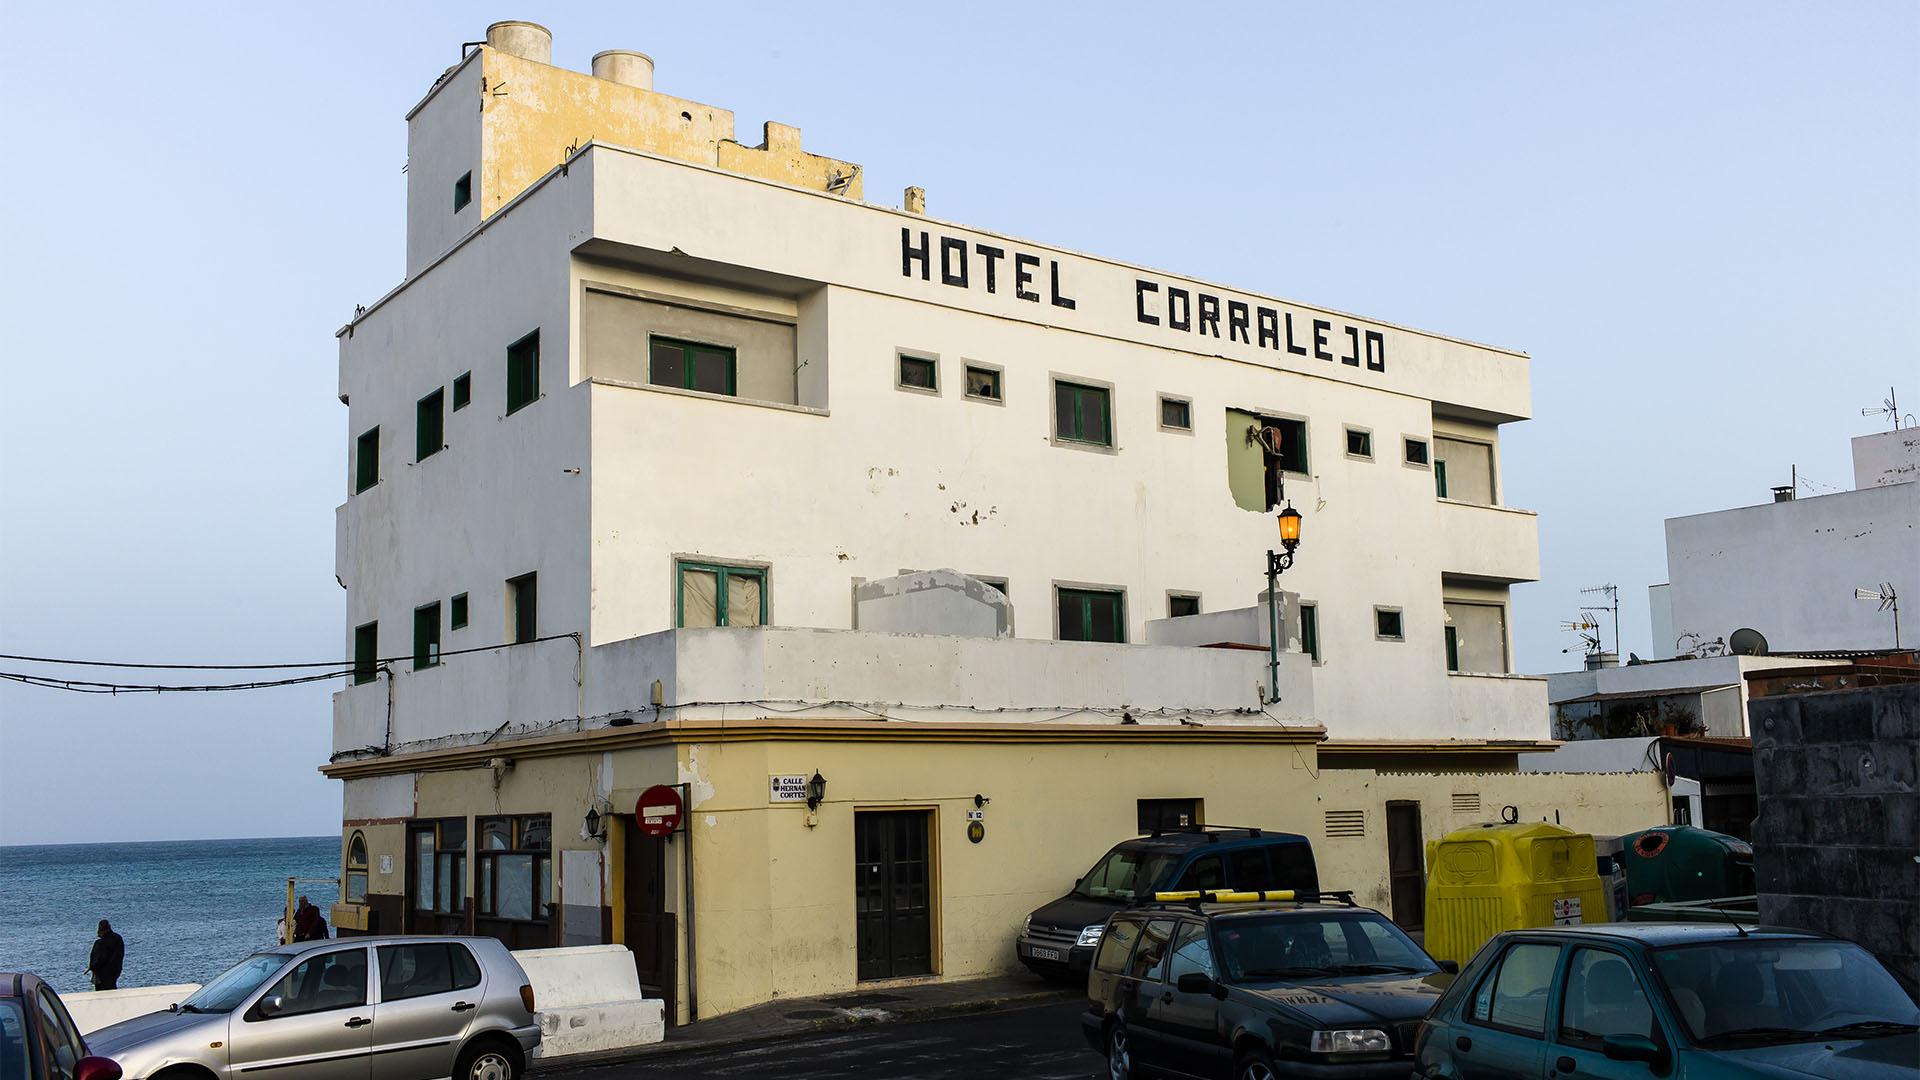 """Der Ort Corralejo Fuerteventura: Das alte """"Hotel Corralejo"""" noch 2012 bevor es zum schmucken """"Avanti Boutique Hotel"""" wurde."""